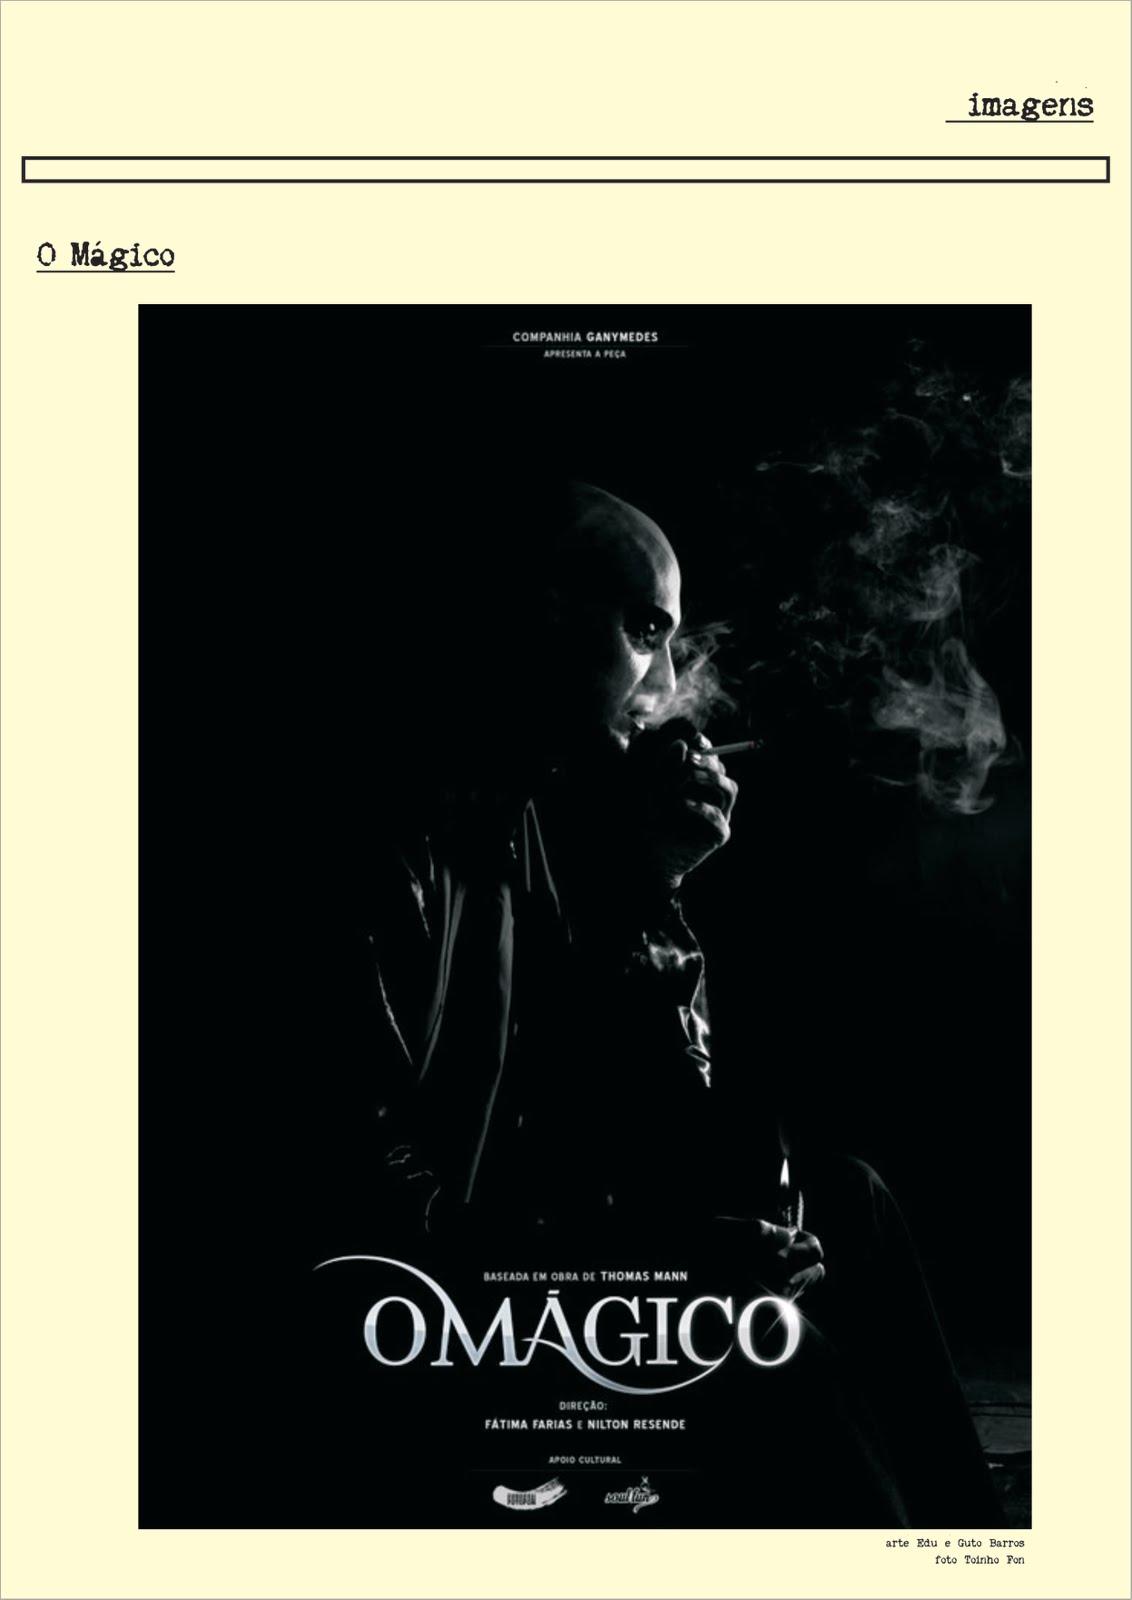 Imagens: O mágico